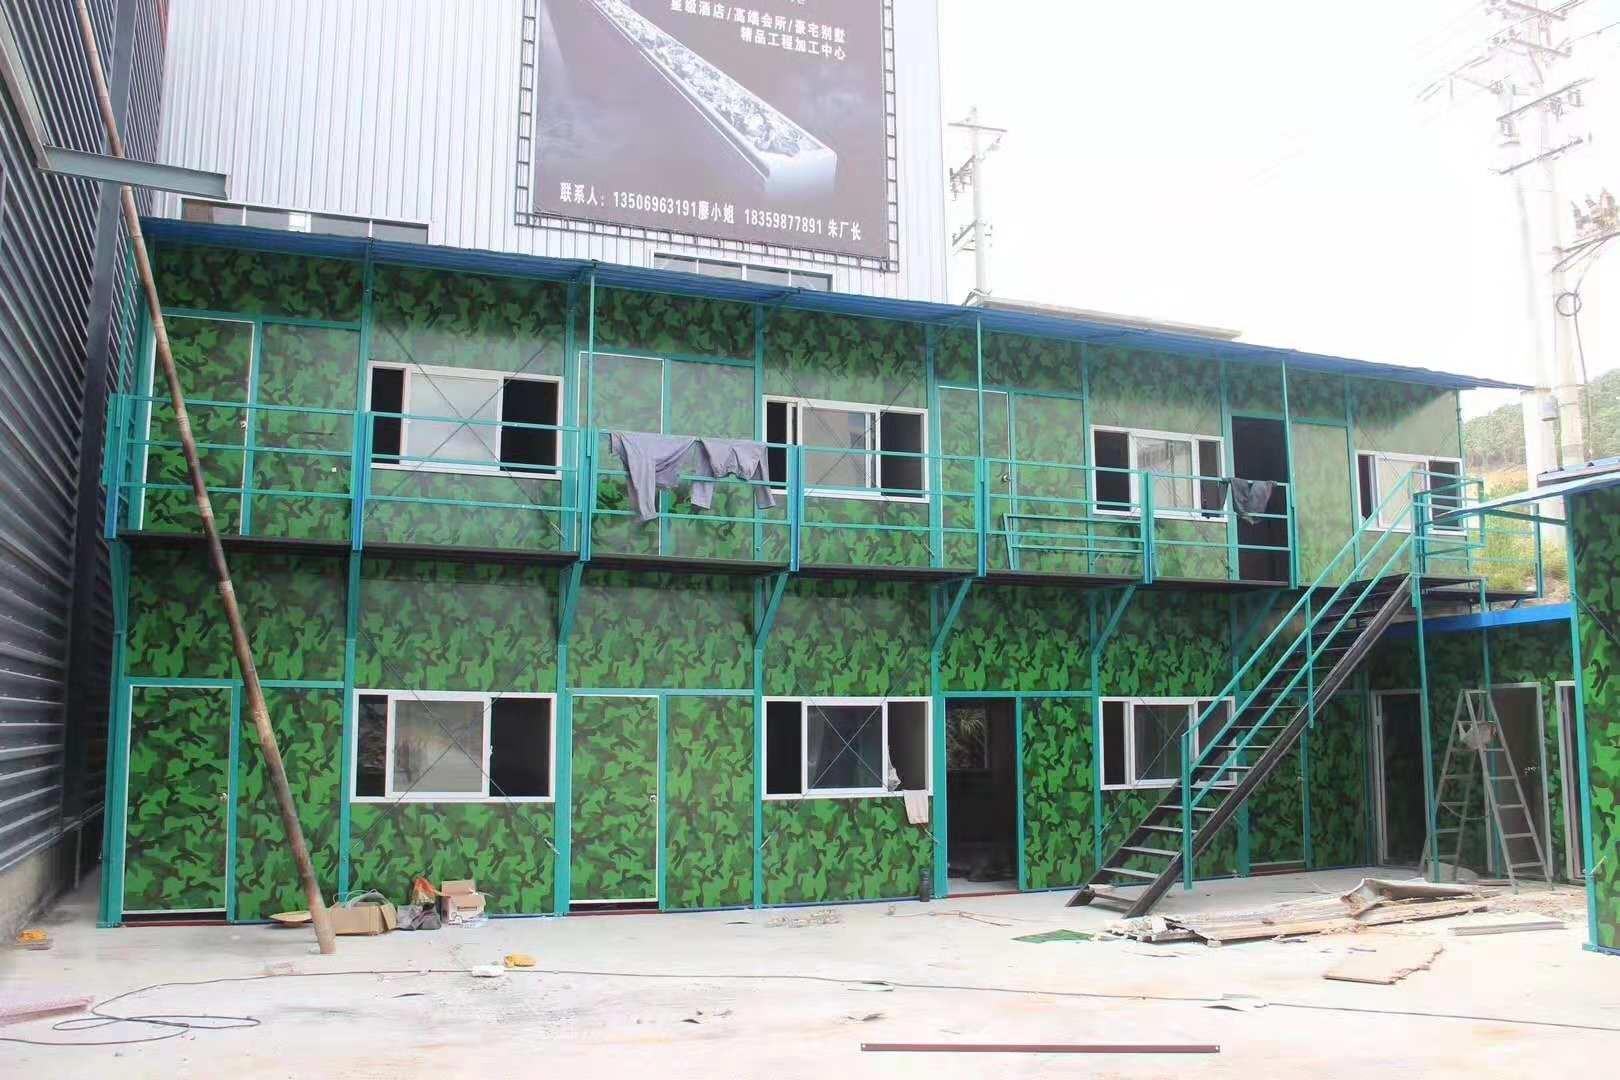 迷彩K式标彩钢活动房报价 迷彩K式标彩钢活动房批发 迷彩K式彩钢活动房供应商  迷彩K式标准房